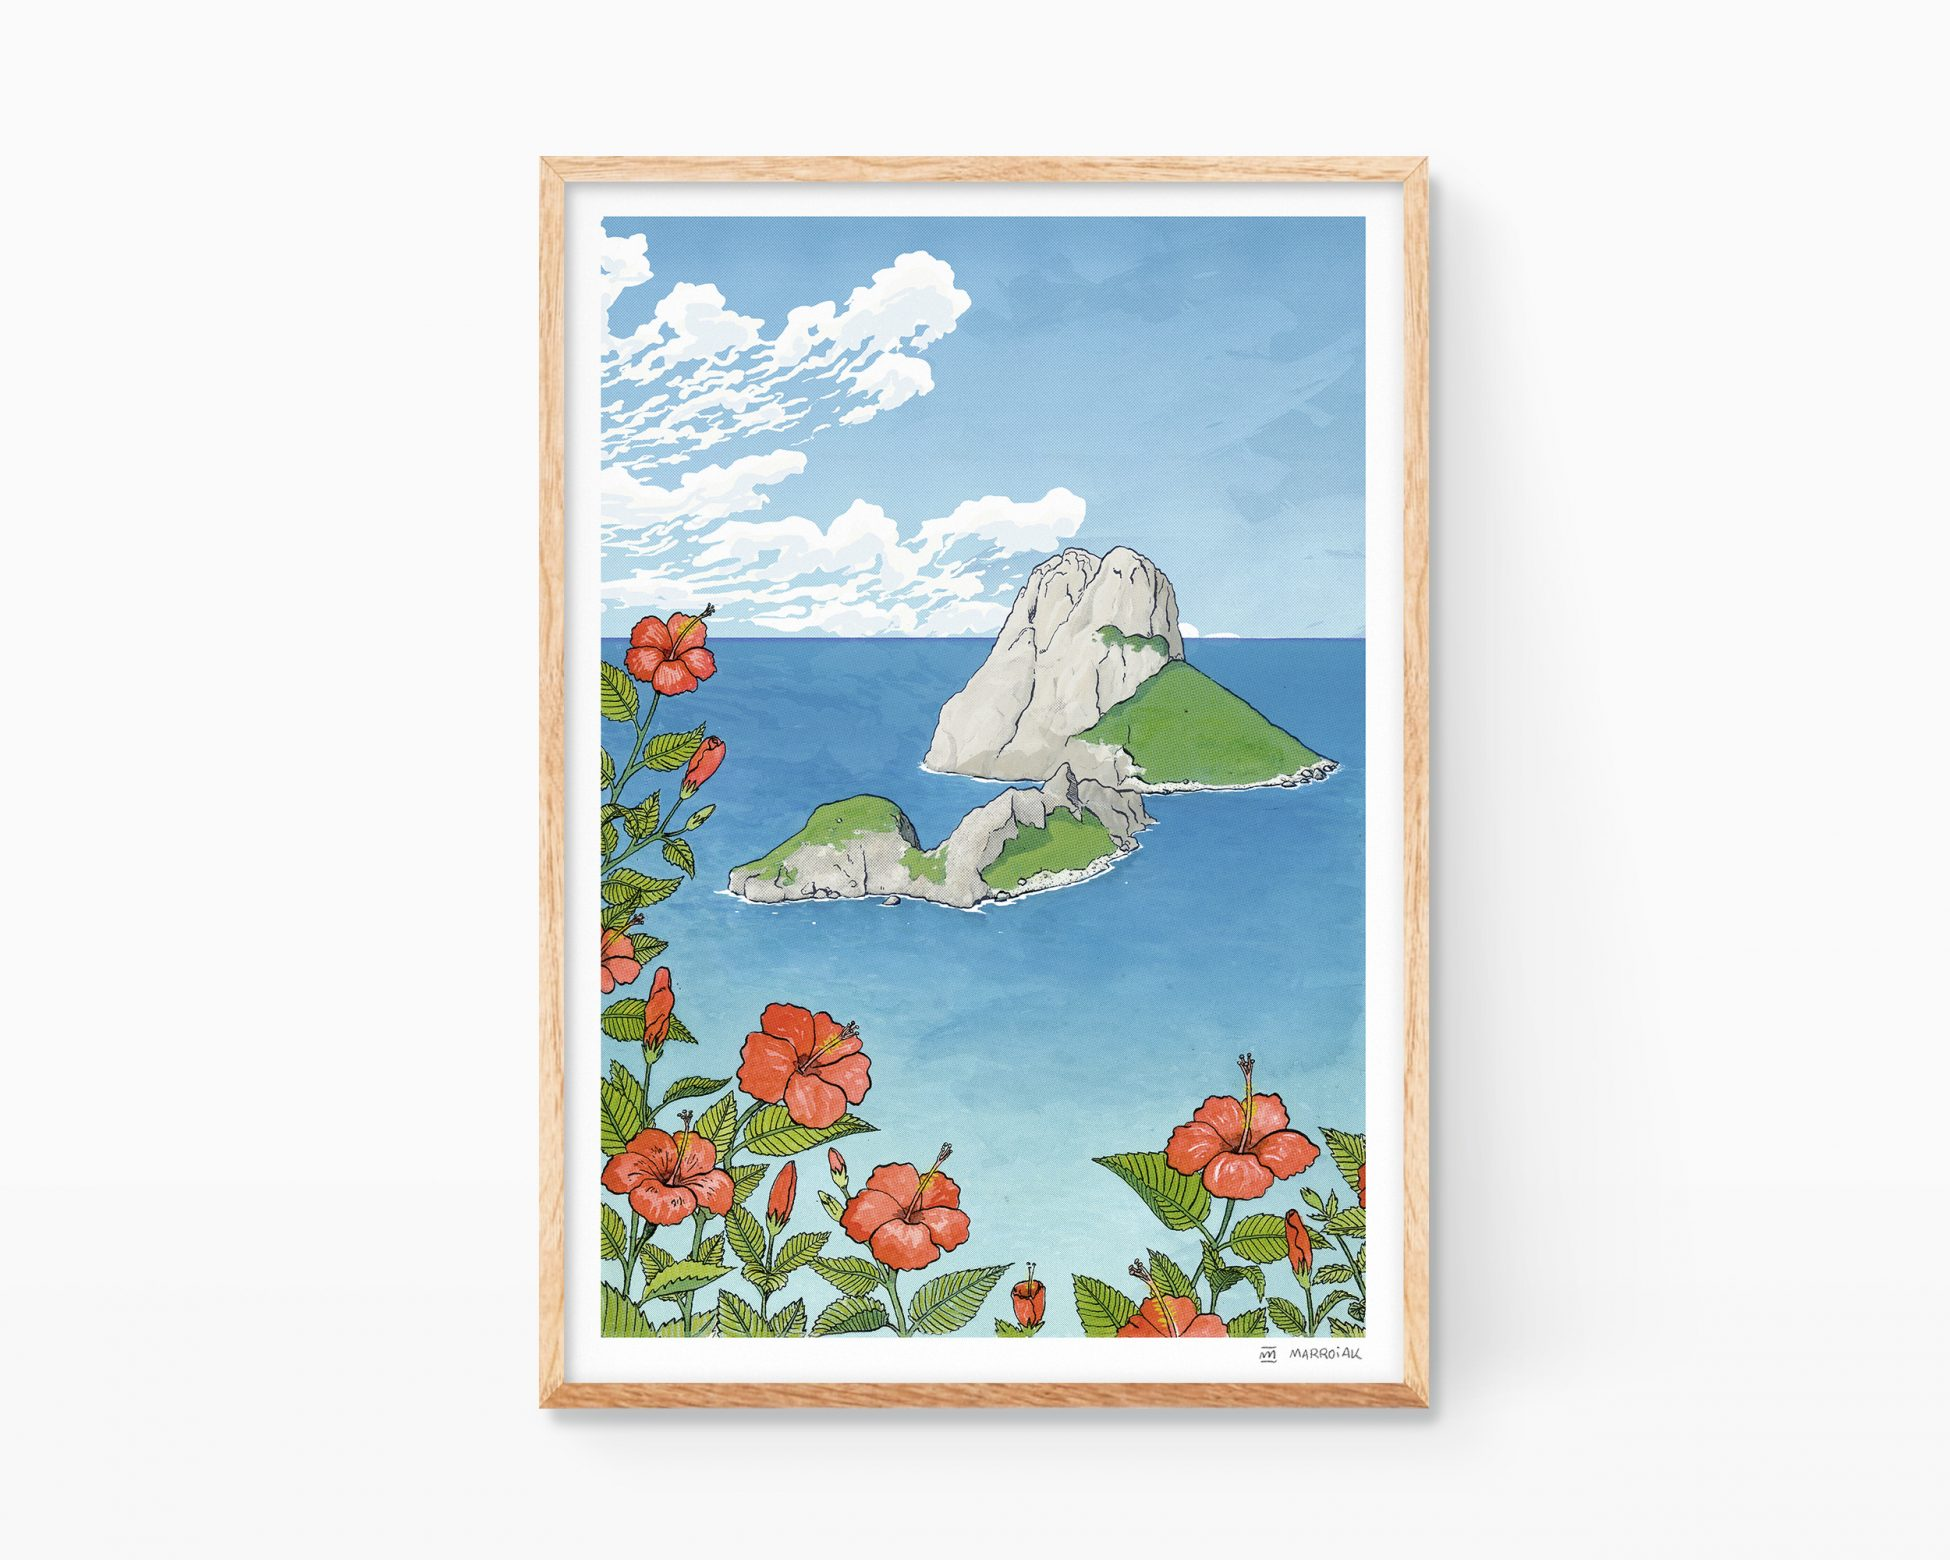 Cuadro decorativo con una ilustración en acuarela y tinta del islote de Es Vedrà i Es Vedranell en la isla Balear de Ibiza, Mediterráneo. Lámina decorativa.